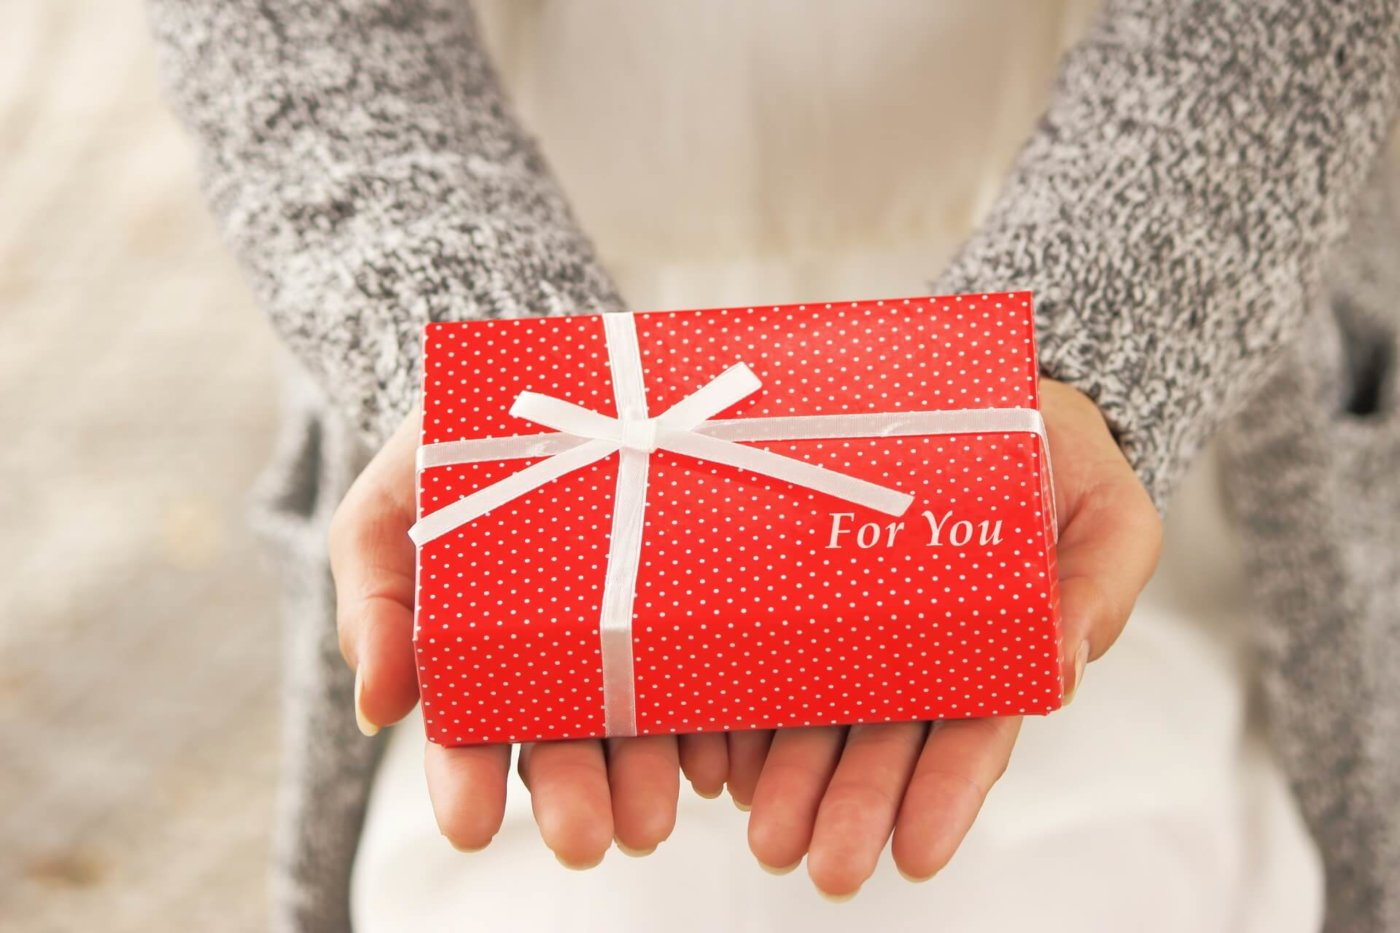 彼氏へのクリスマスプレゼント、もう準備できましたか?